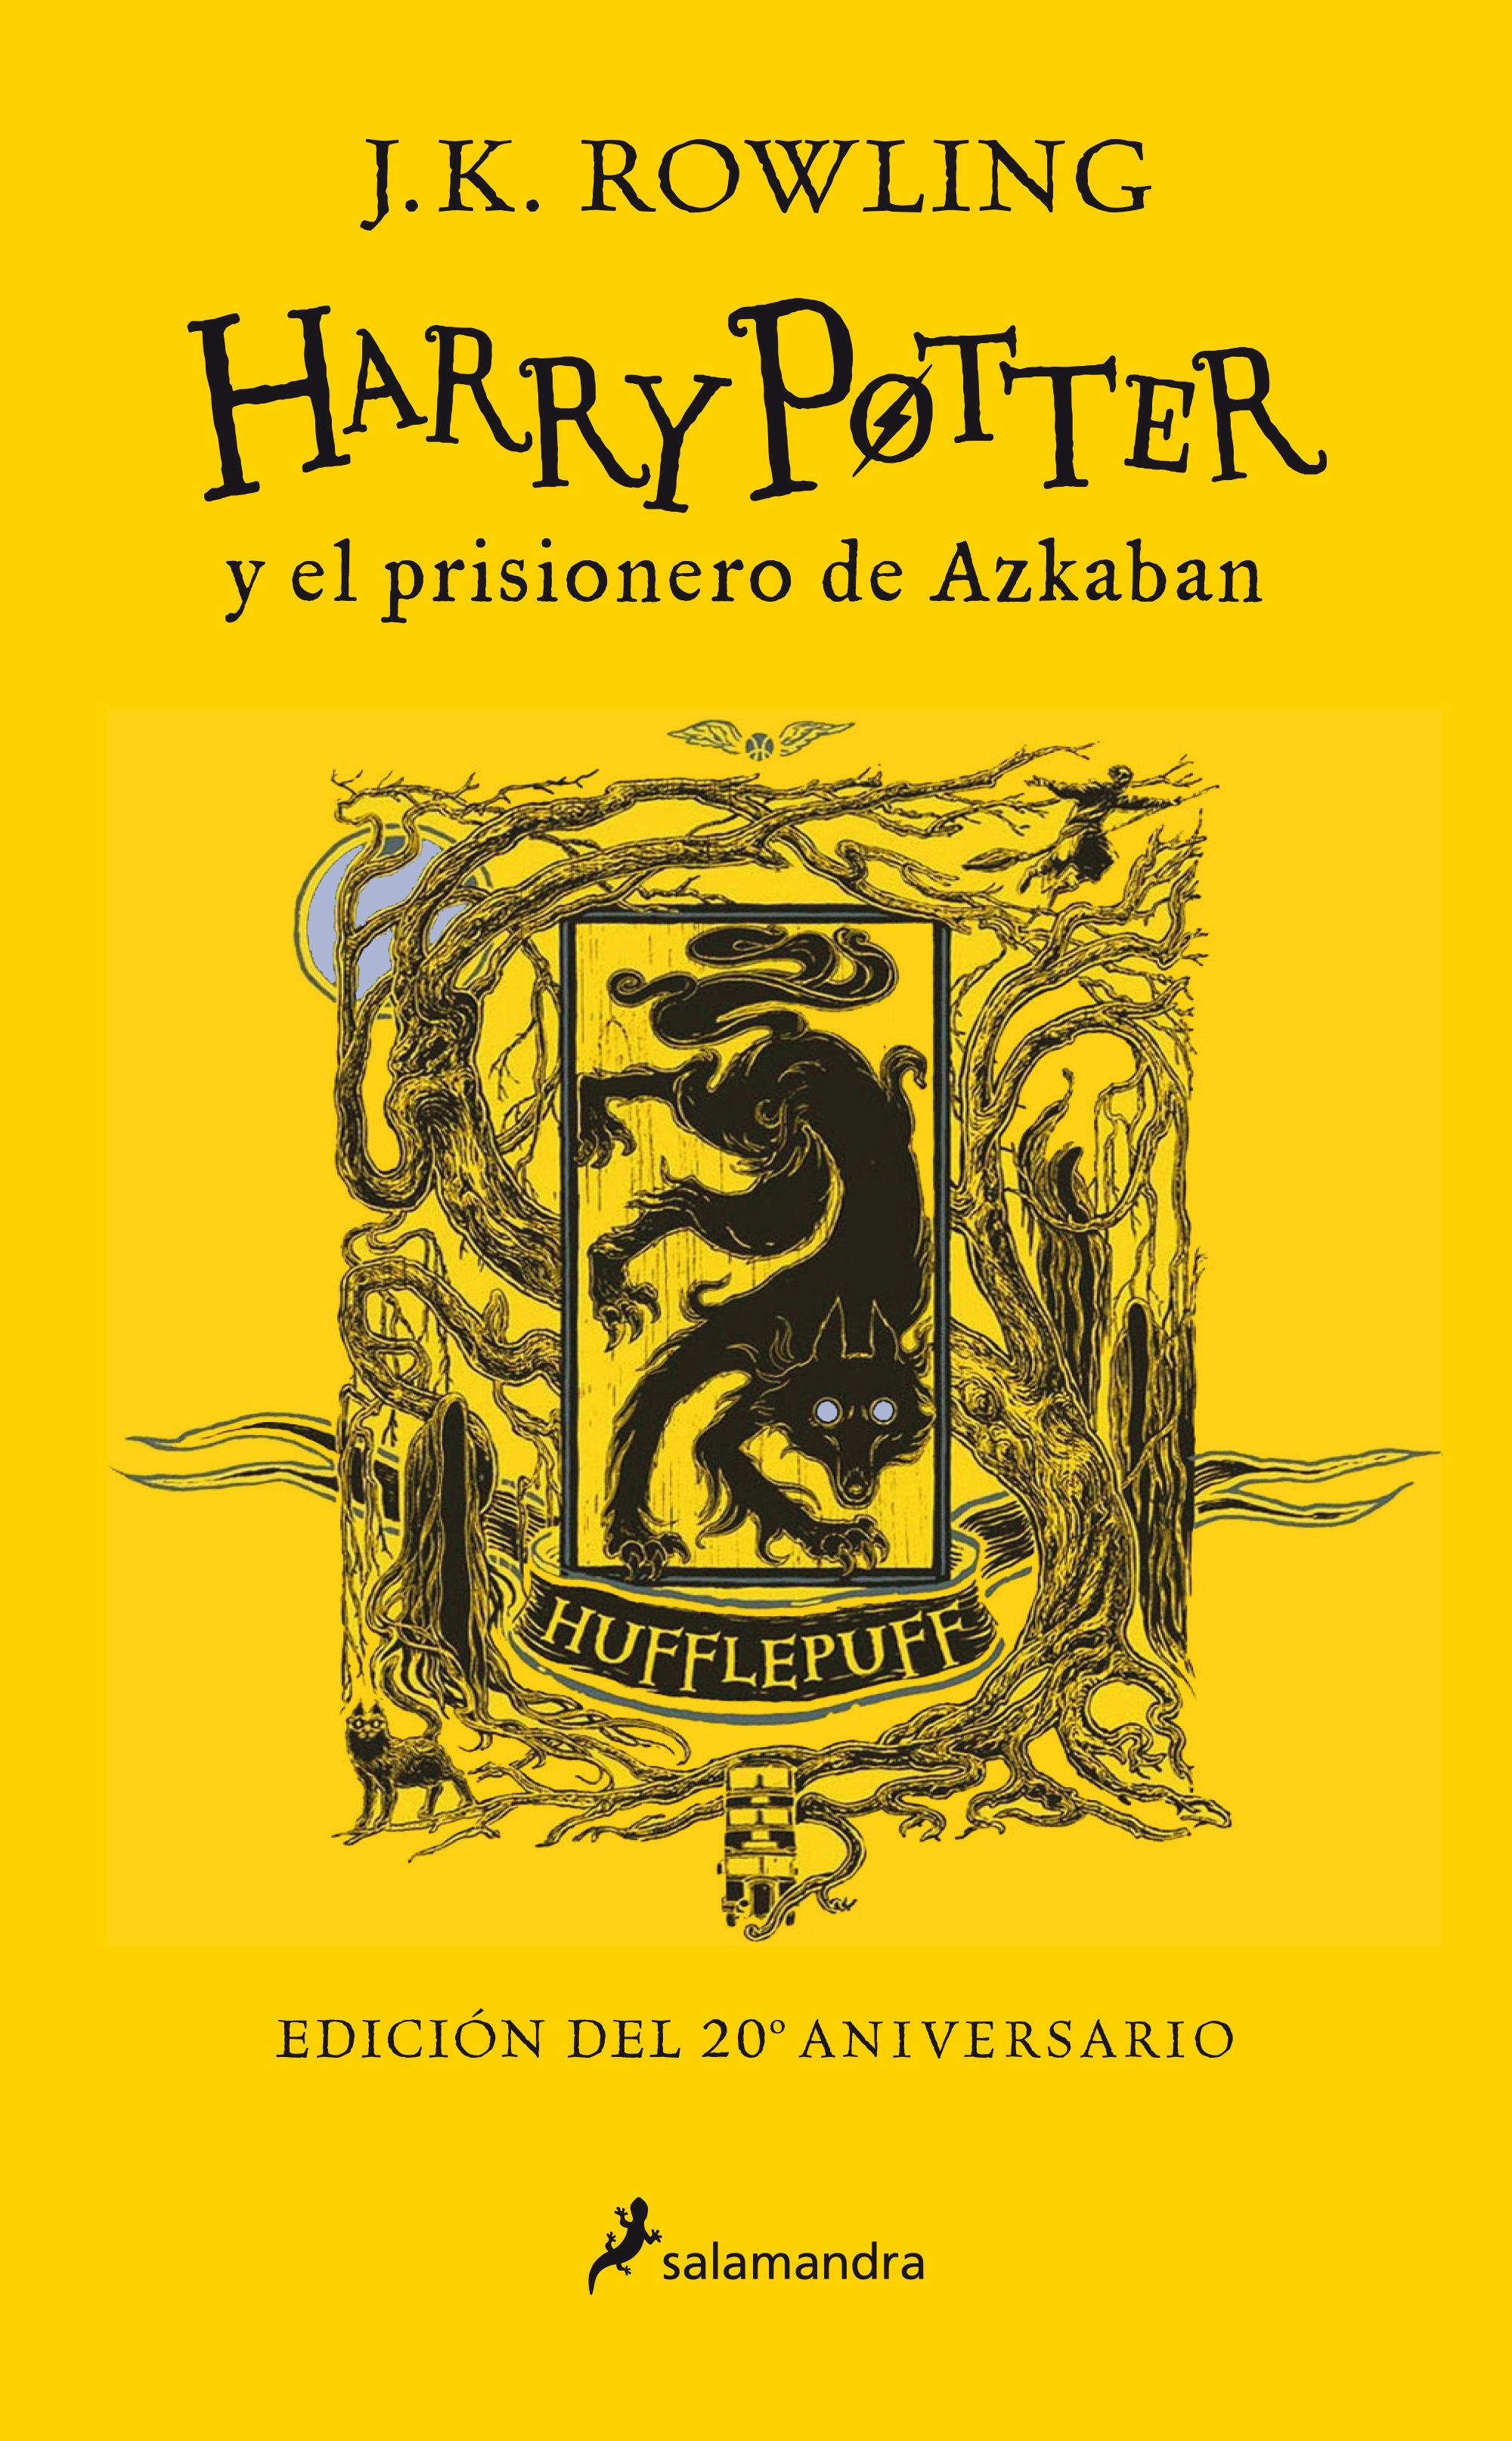 HARRY POTTER Y EL PRISIONERO DE AZKABAN HUFFLEPUF